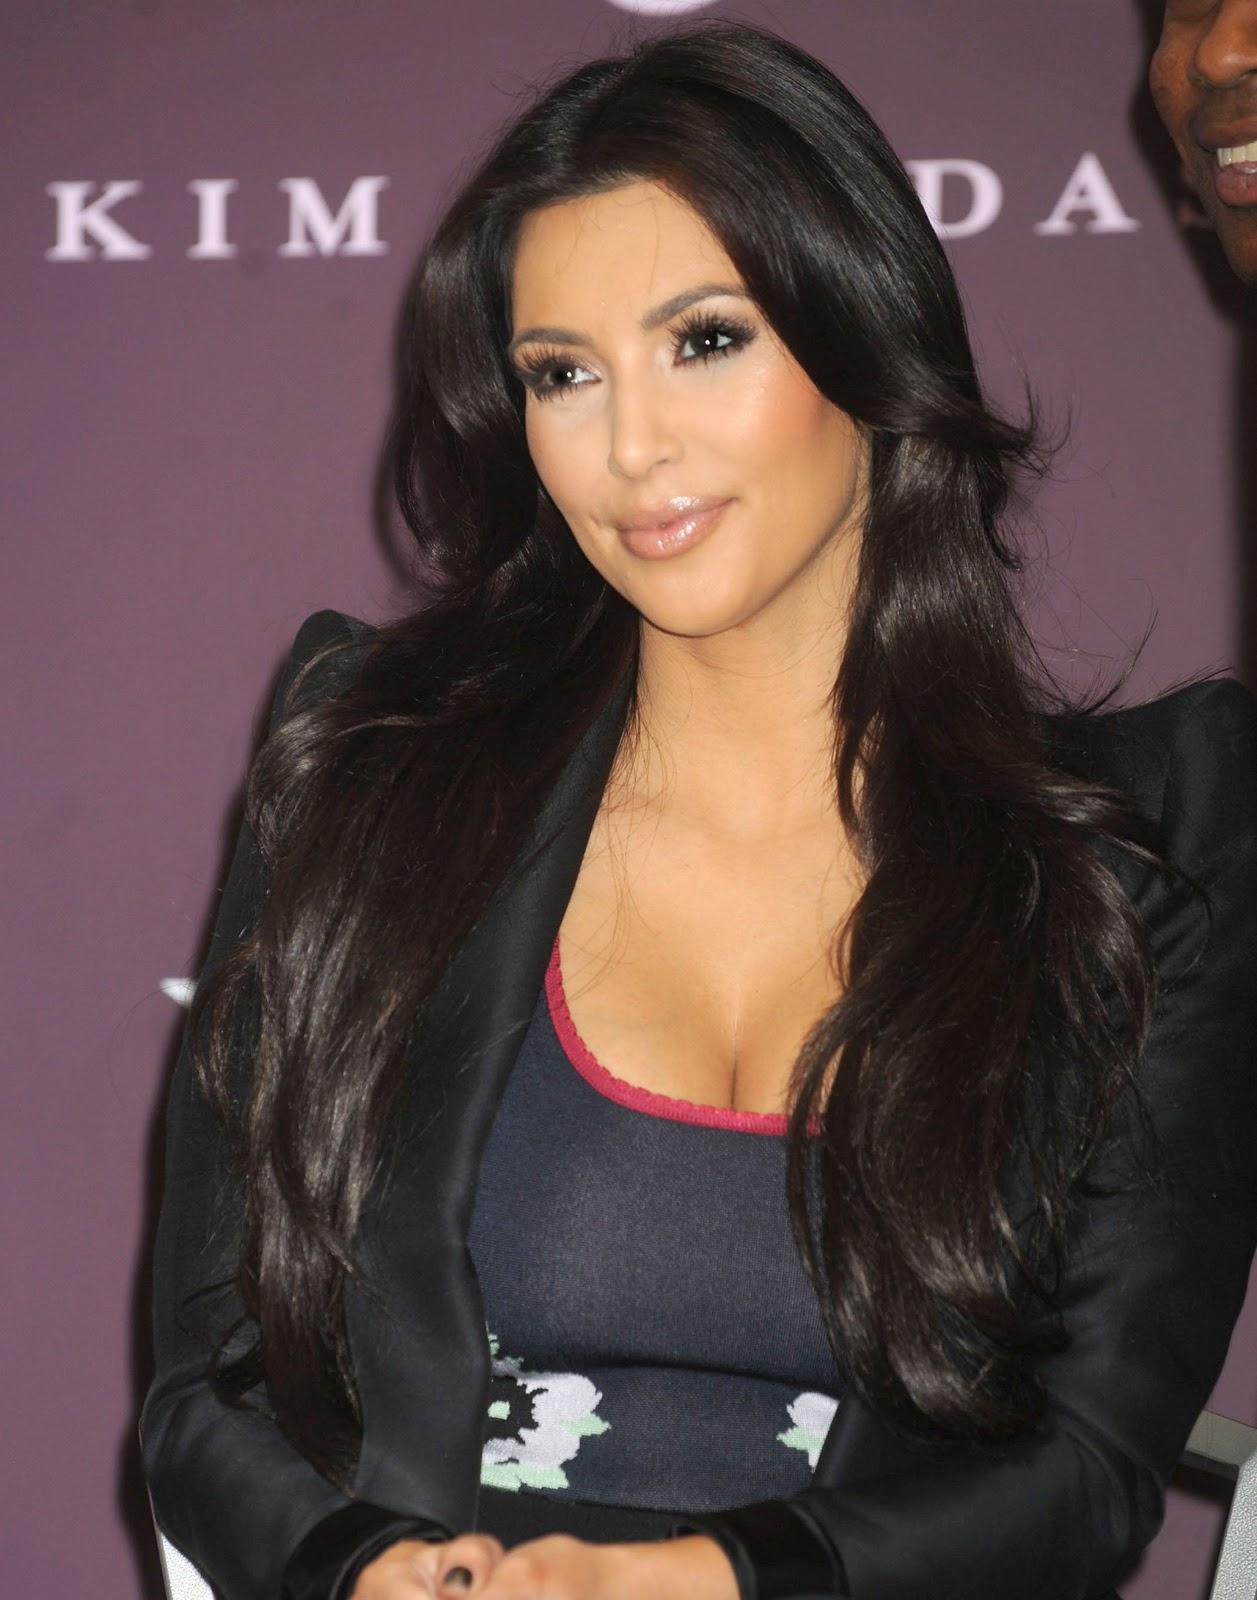 http://4.bp.blogspot.com/_DqQNorl_2Kc/TMqFCcGPXtI/AAAAAAAABG0/FnYpZjx1btc/s1600/Kim-Kardashian-145.jpg